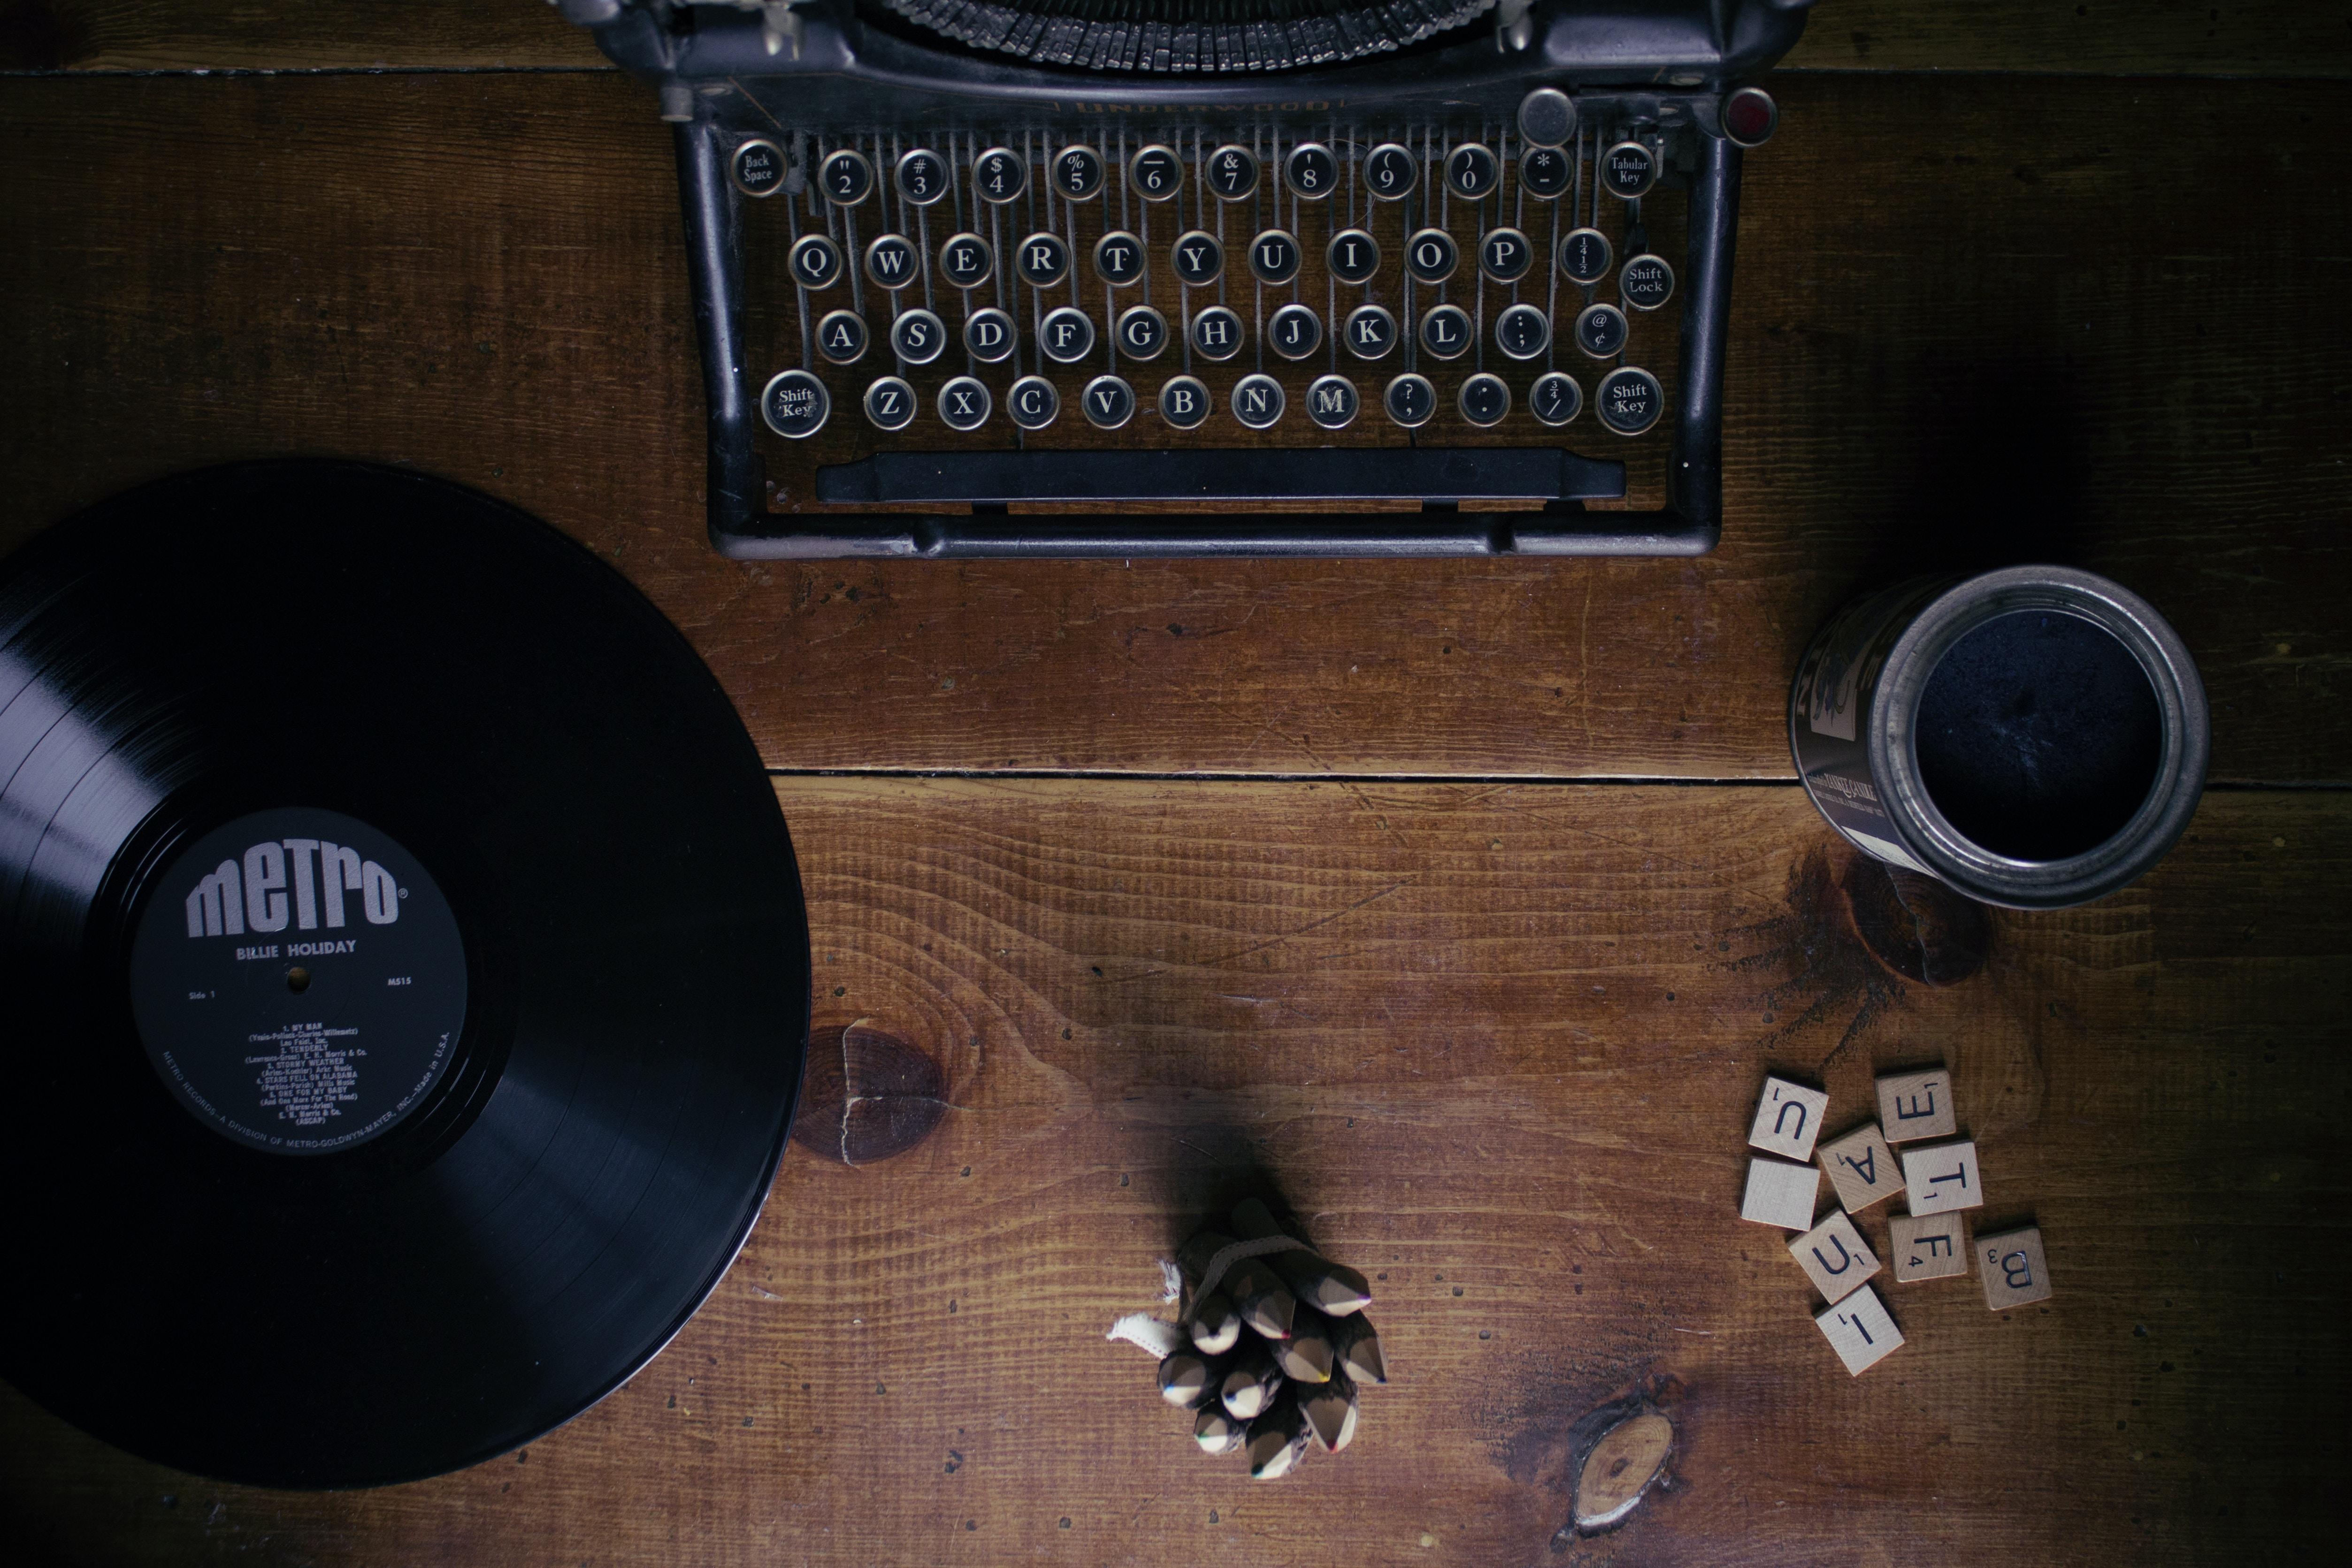 black typewriter beside black Metro vinyl record